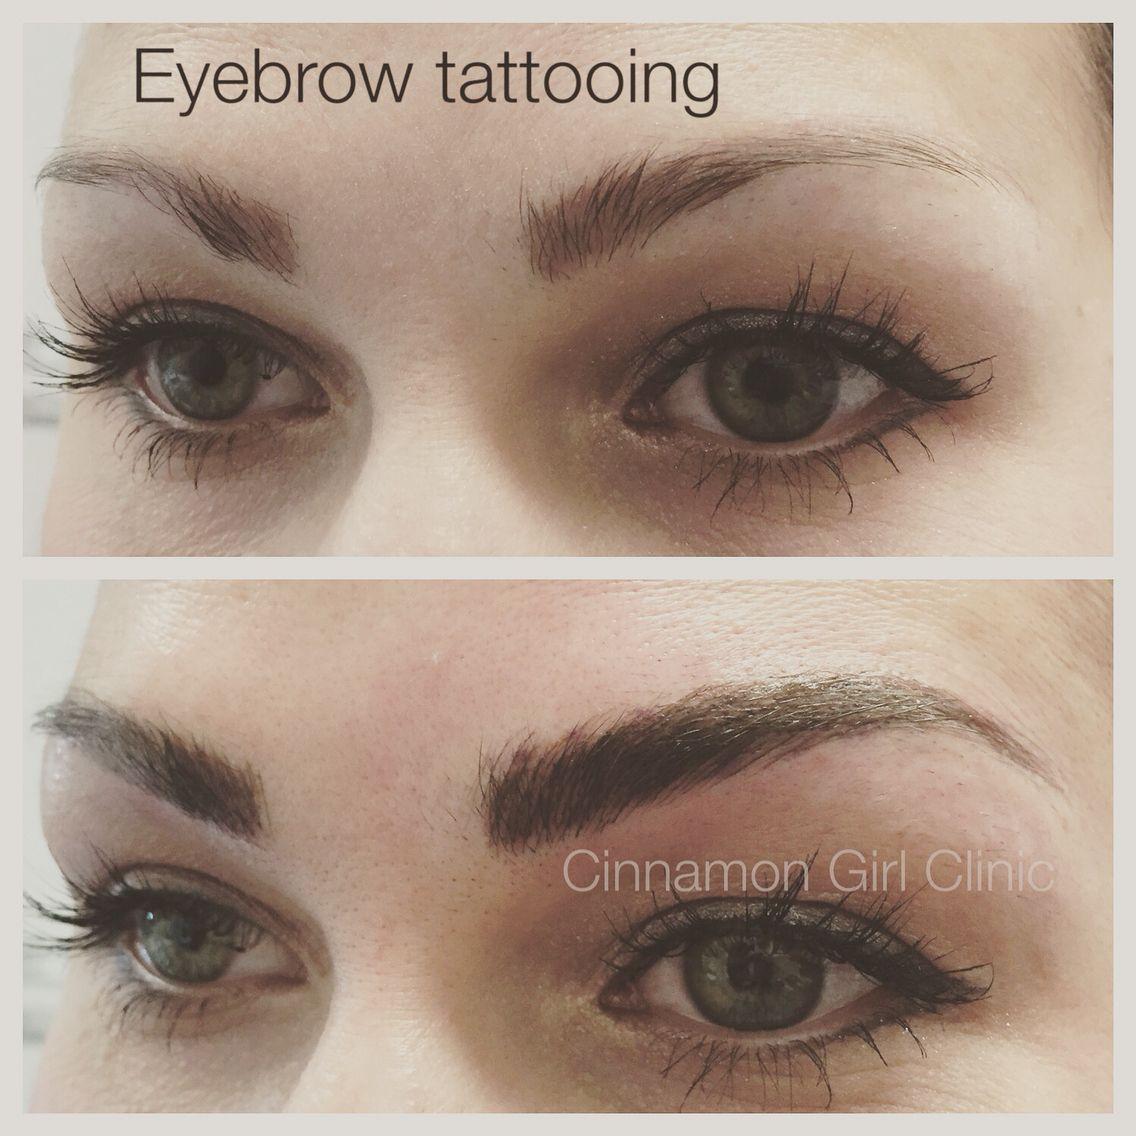 Eyebrow tattooing wwwcinnamongirlclinicca eyebrow